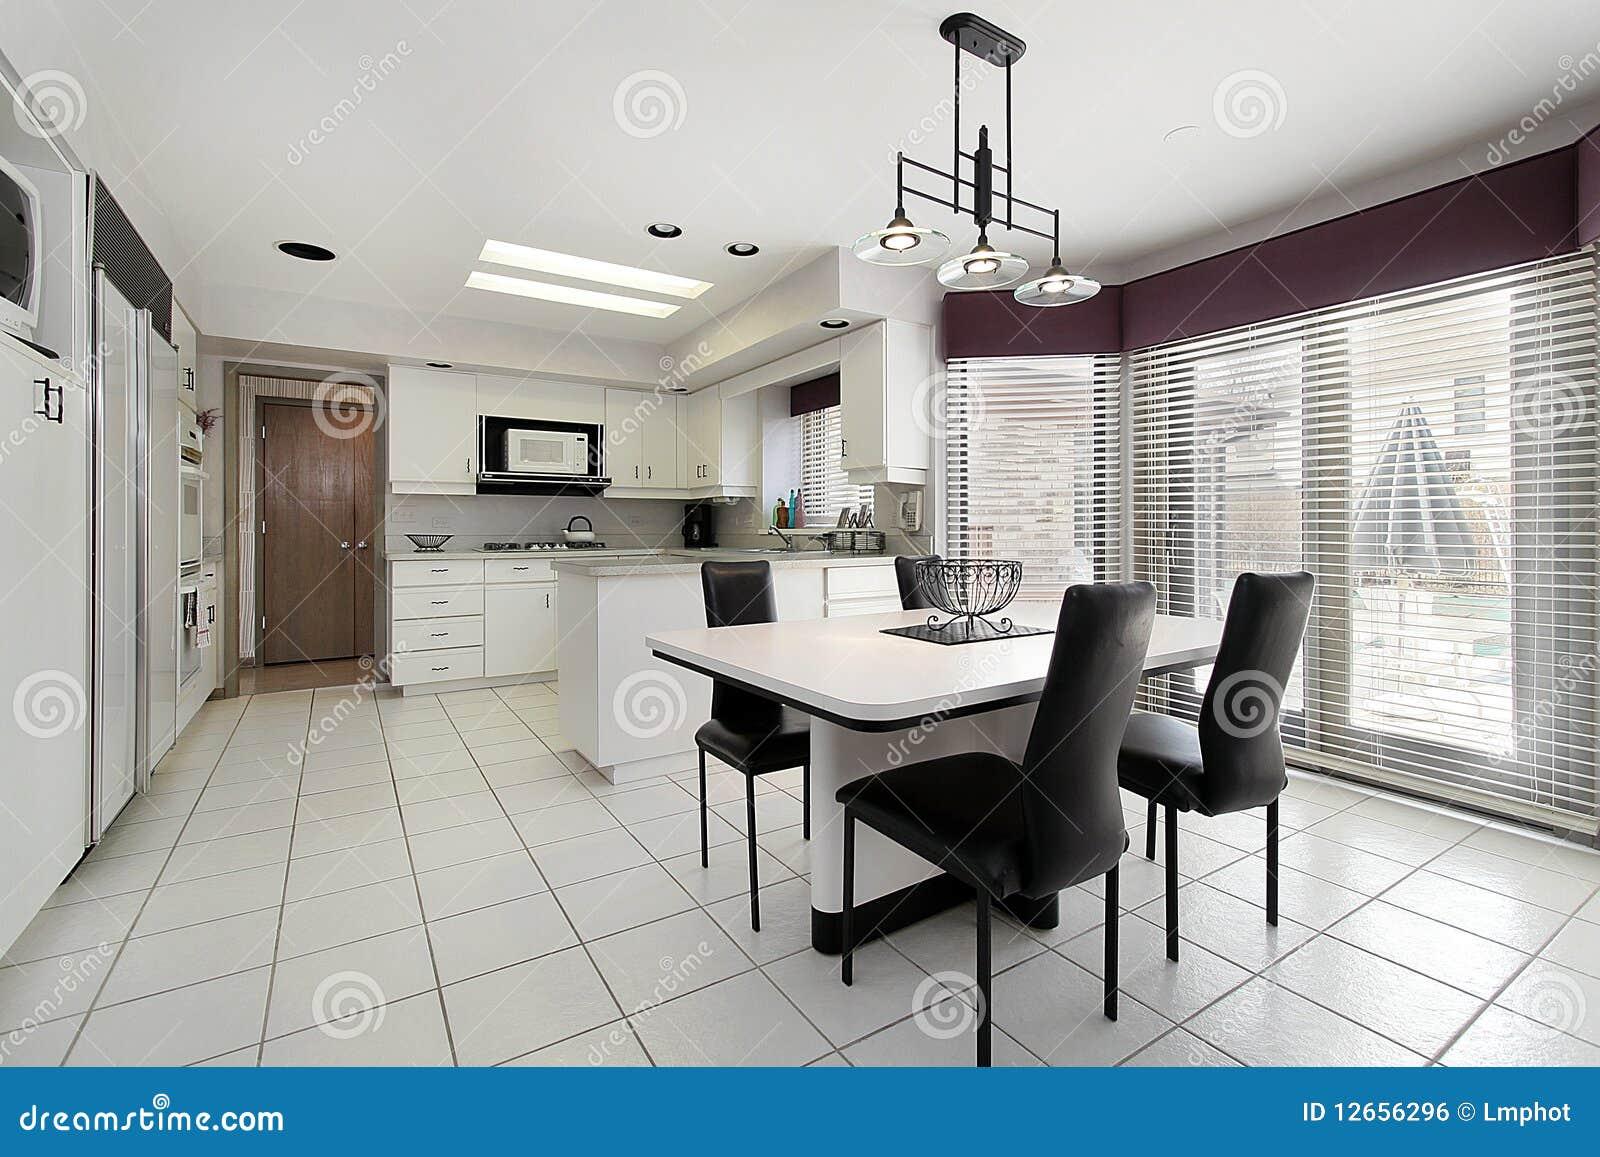 Piastrelle Da Cucina Bianche : Cucina con le mattonelle bianche fotografia stock immagine di